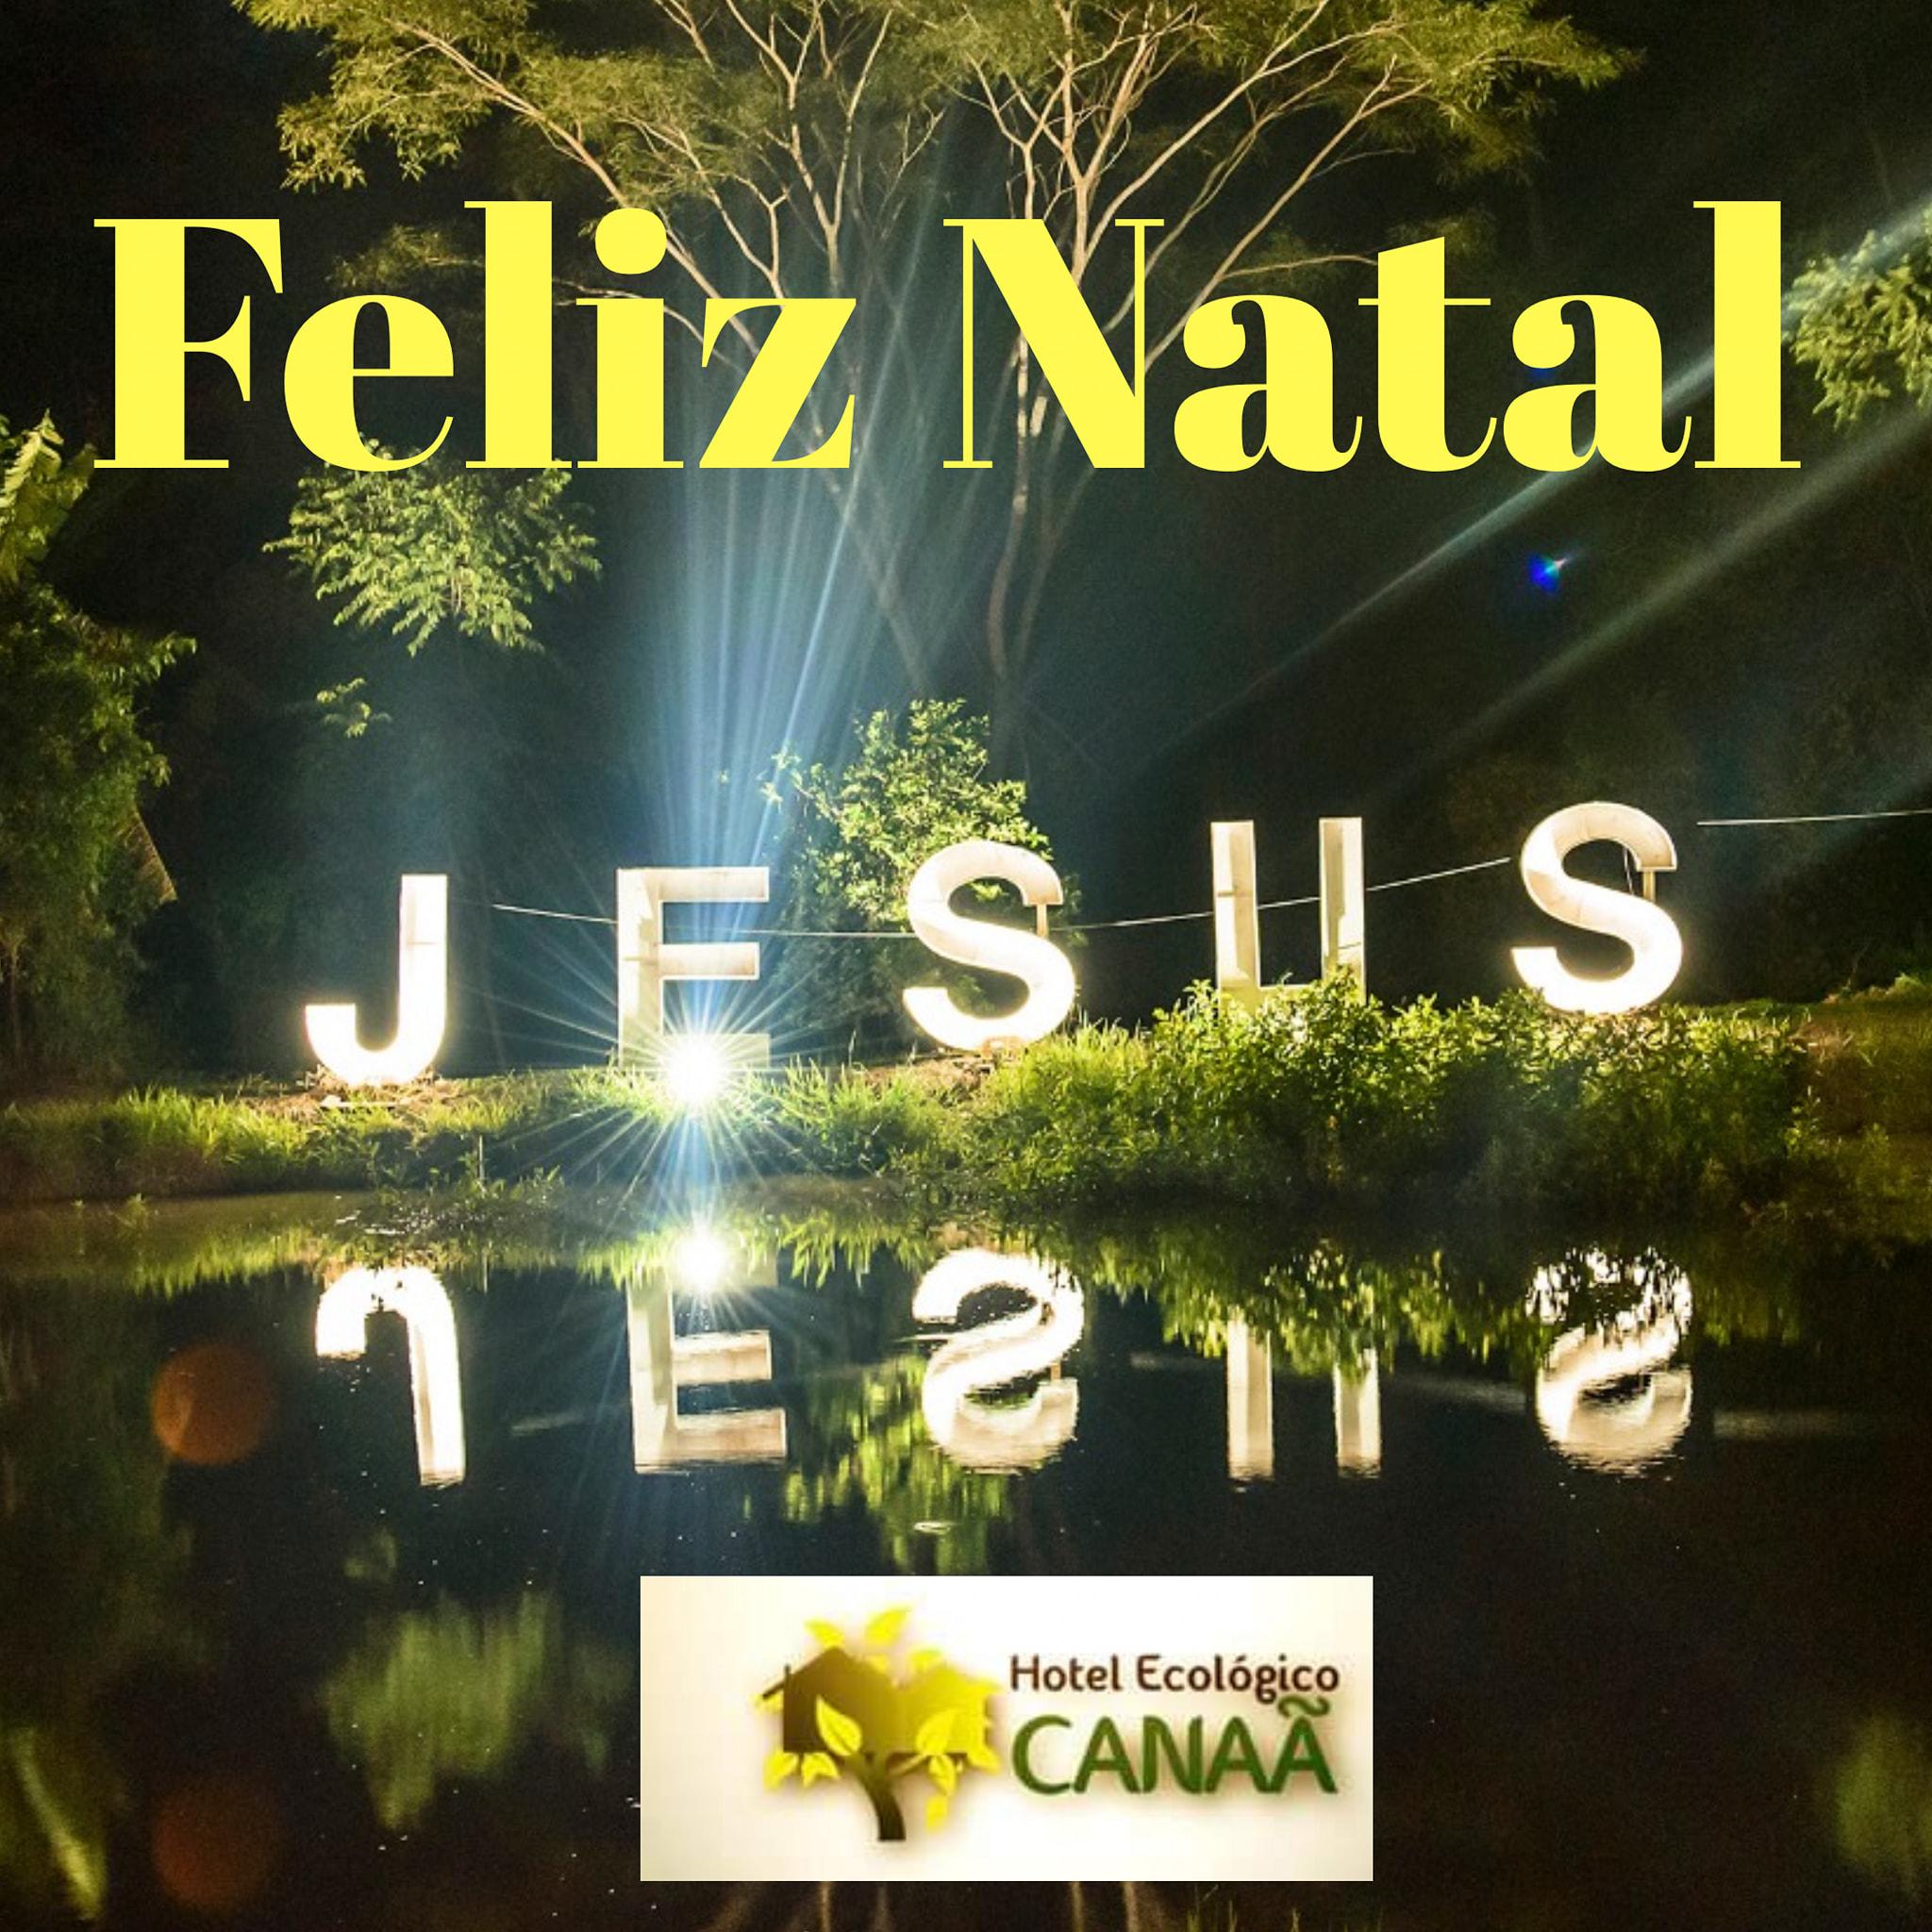 FELIZ NATAL!!! PRÓSPERO E ABENÇOADO 2021 Saúde, paz, alegria! São os votos do …